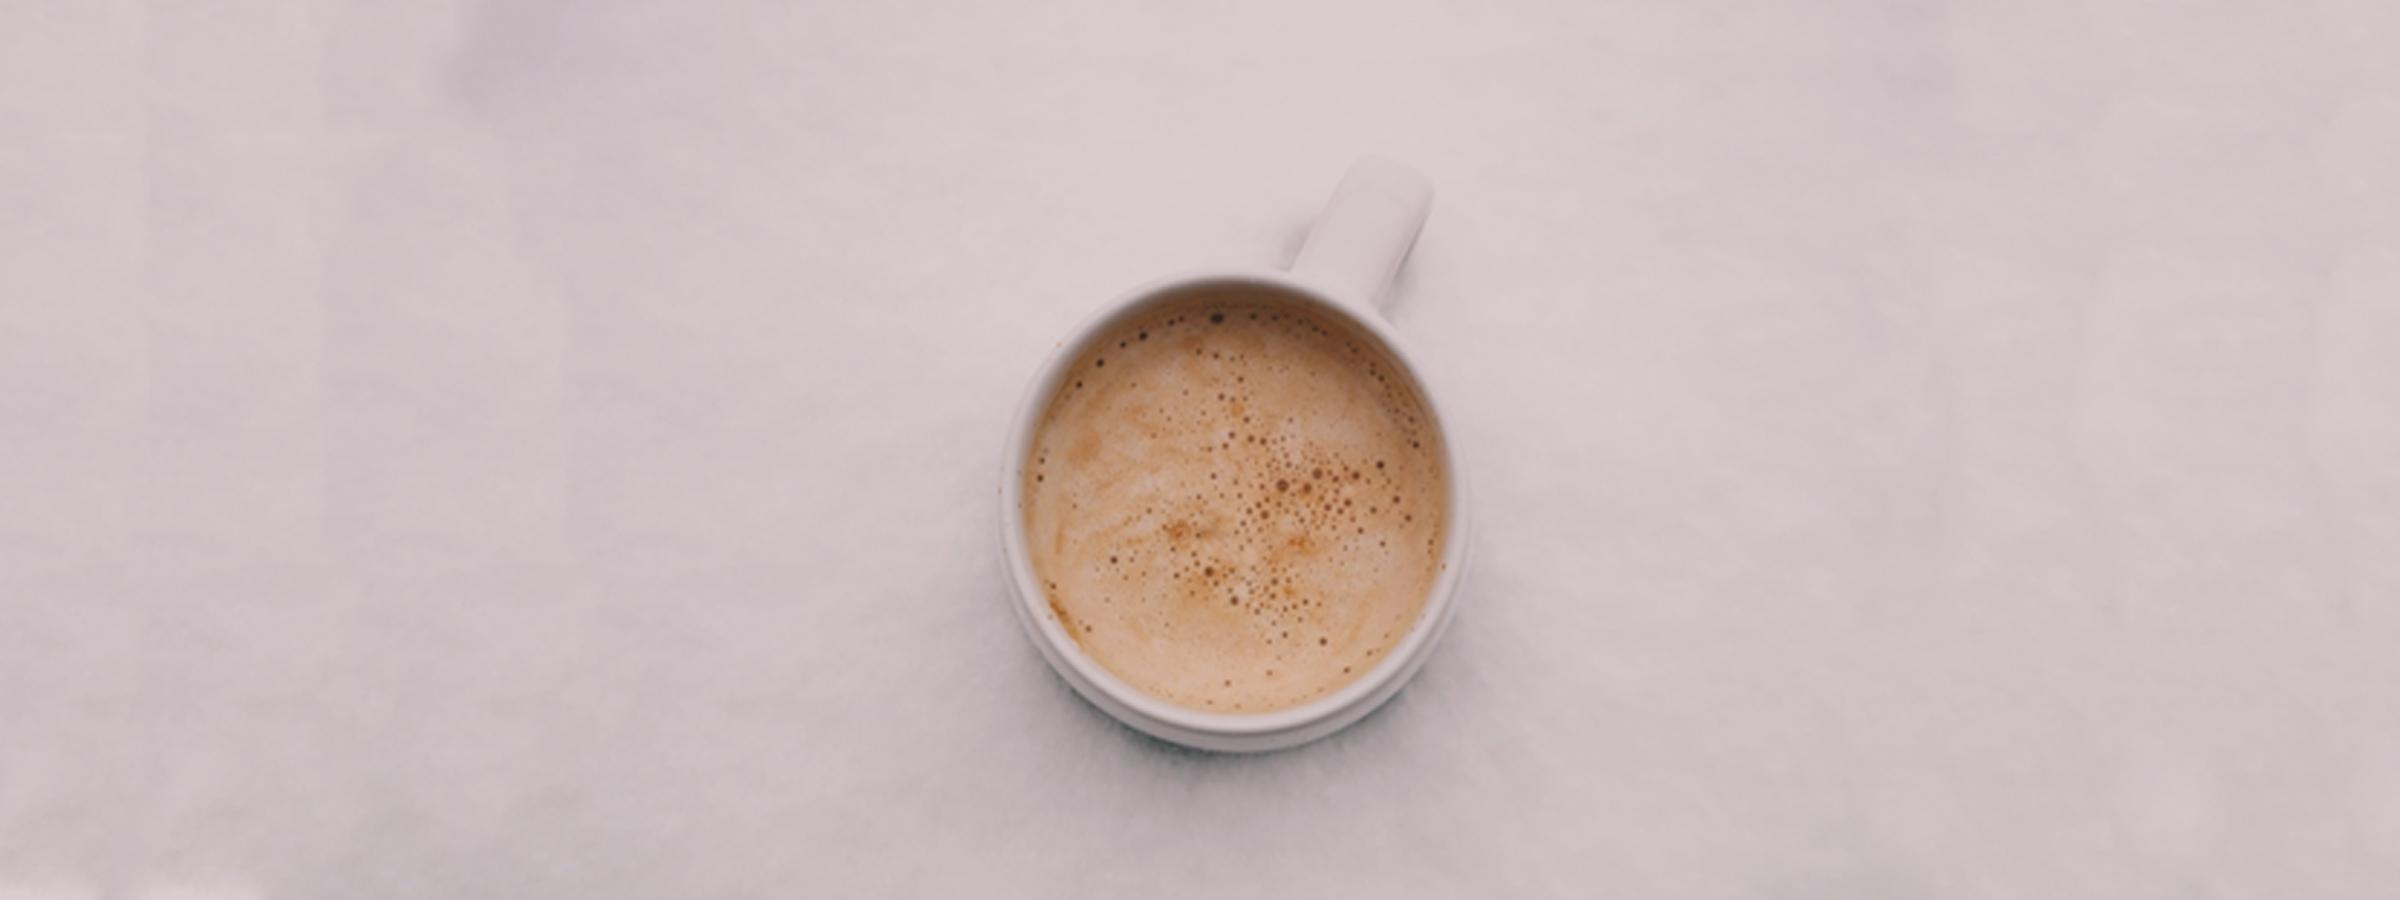 Taza blanca de café con leche